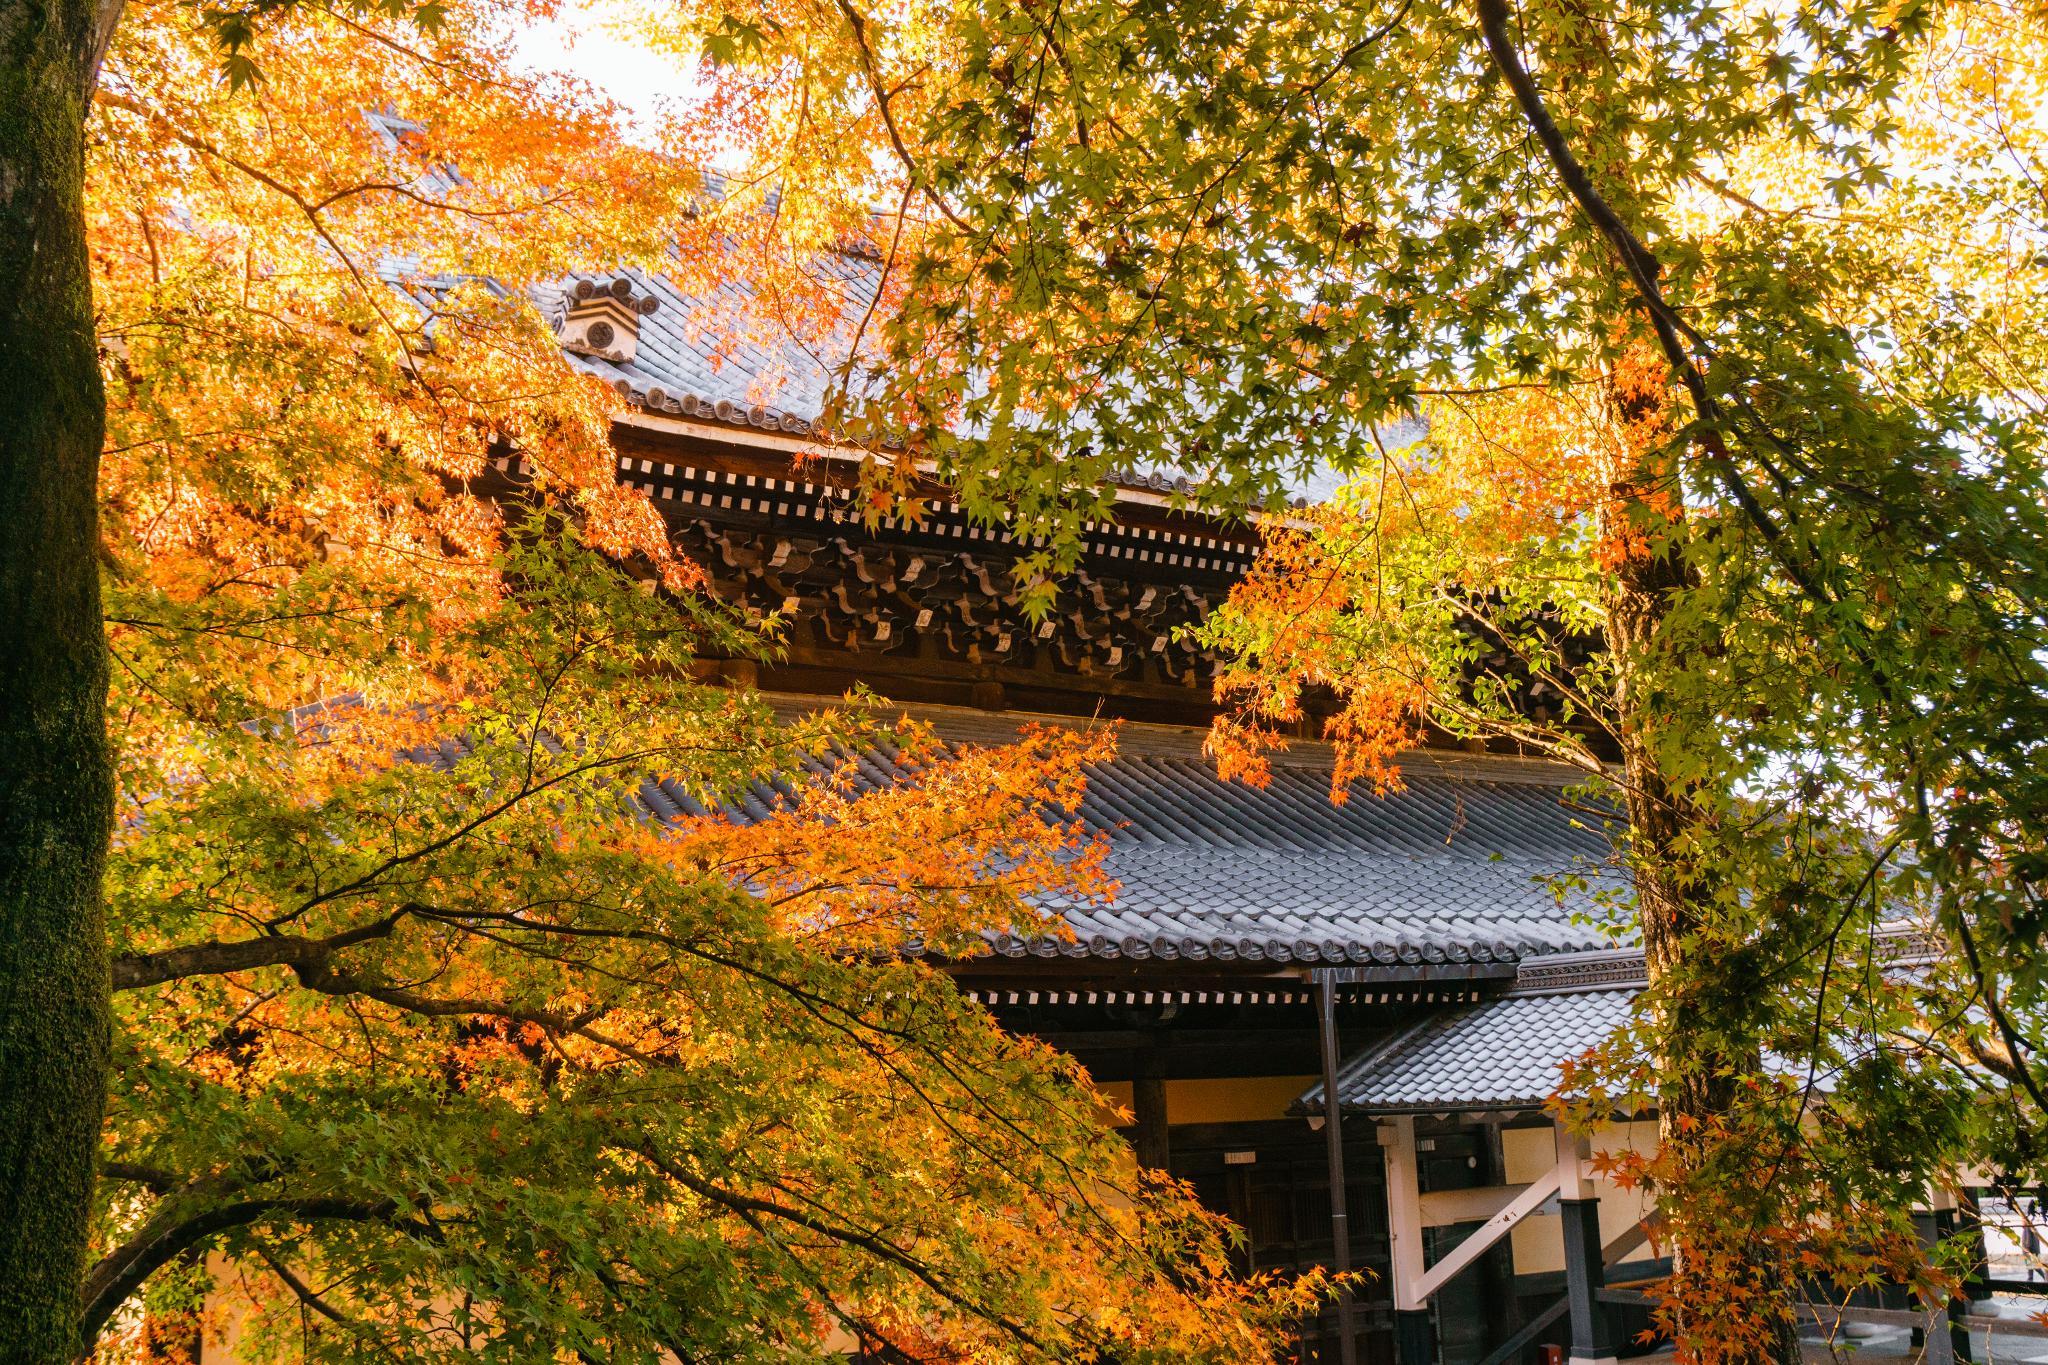 【京都】秋光葉影的古寺散策 - 南禪寺 110